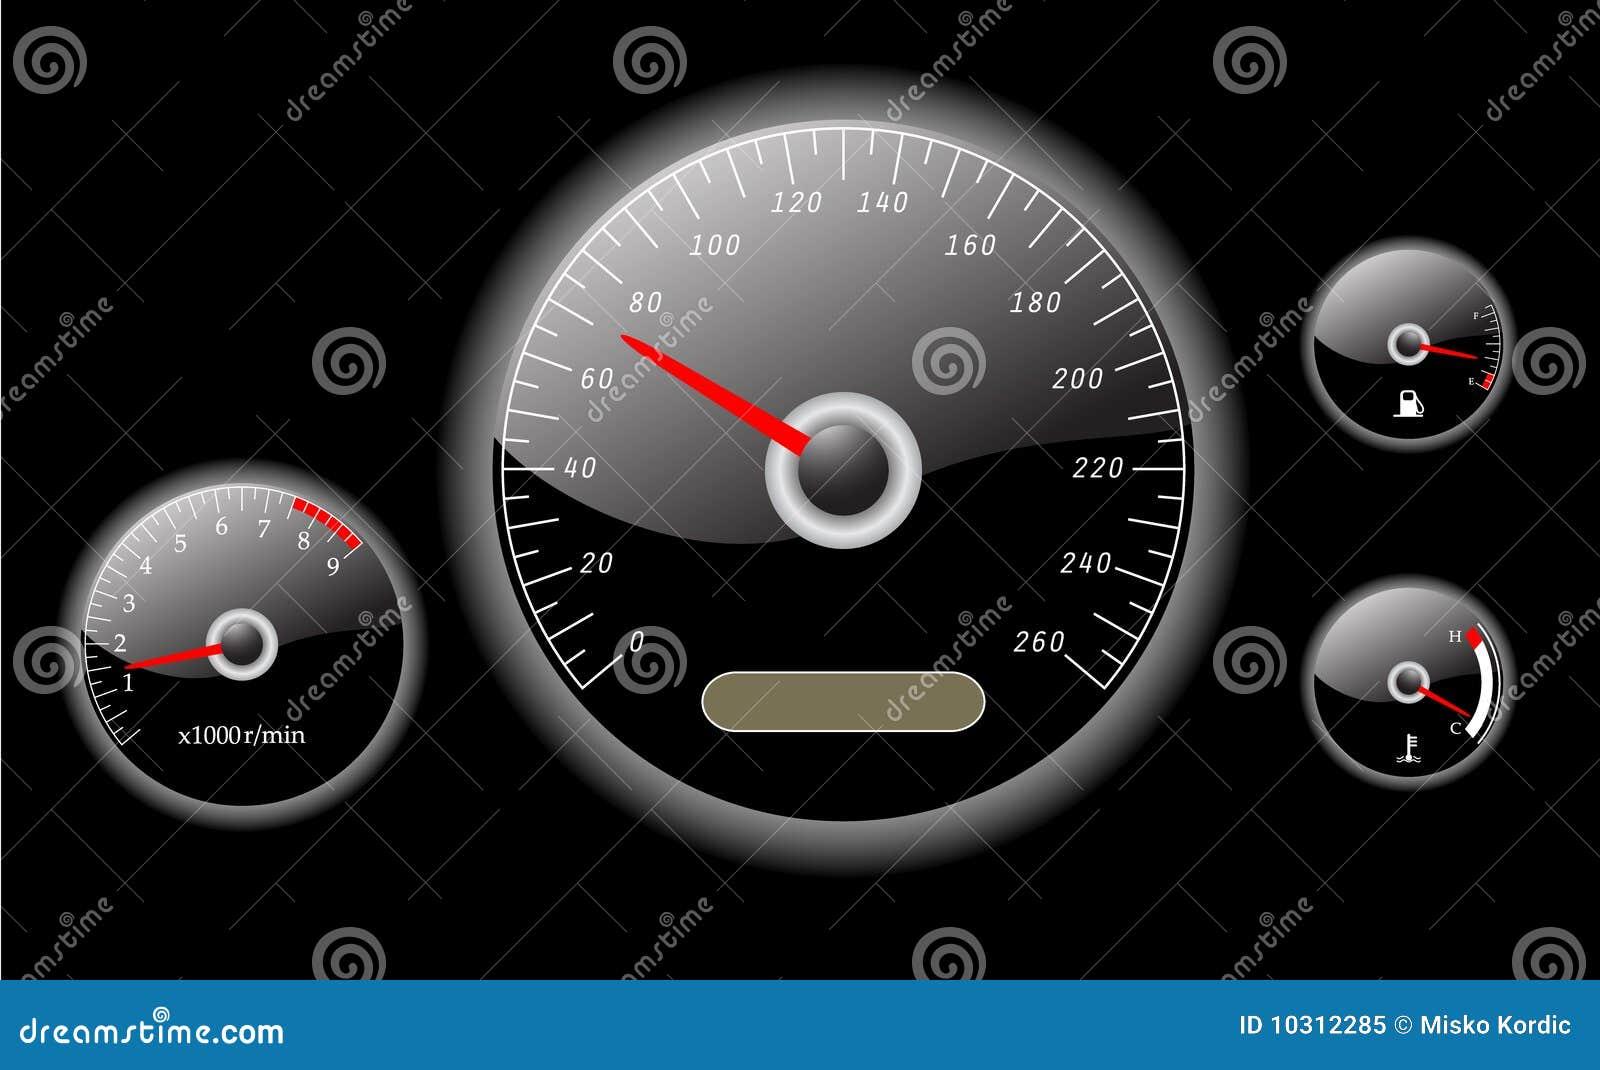 Διάνυσμα οργάνων ταμπλό αυτοκινήτων που διευκρινίζεται